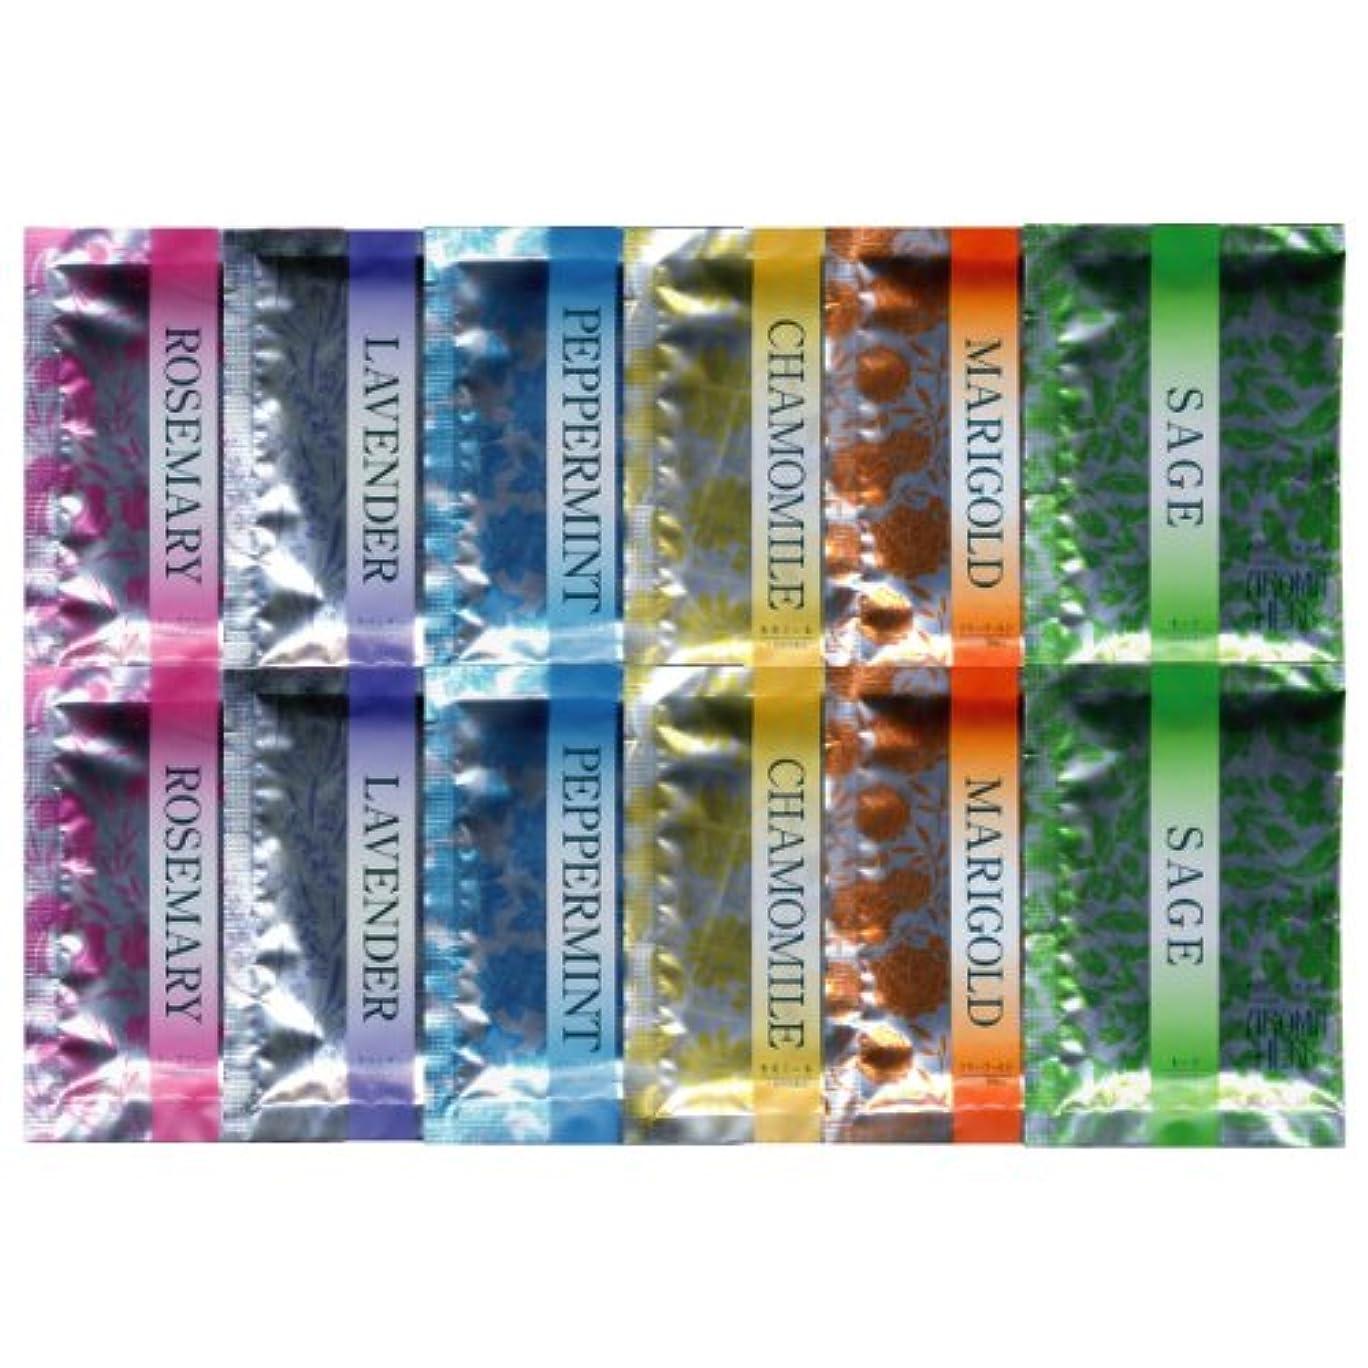 幅ラリーベルモント断言するアロマハーブ 香りの物語 6種類×2 12包